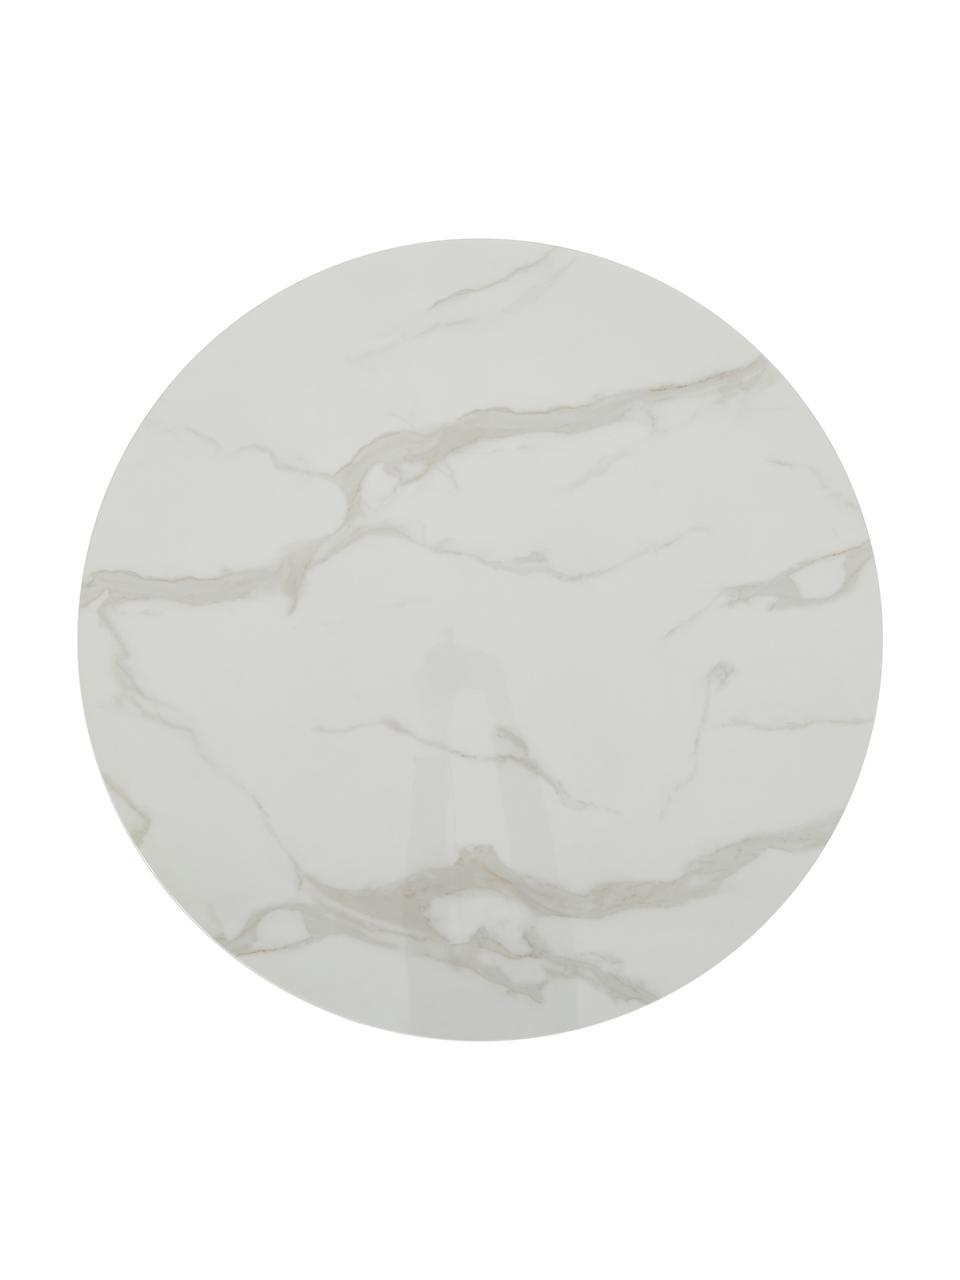 Marmeren ronde eettafel Karla, Tafelblad: MDF, bedekt met gelakt pa, Tafelblad: wit, gemarmerd. Tafelpoot: mat zwart, Ø 90 x H 75 cm